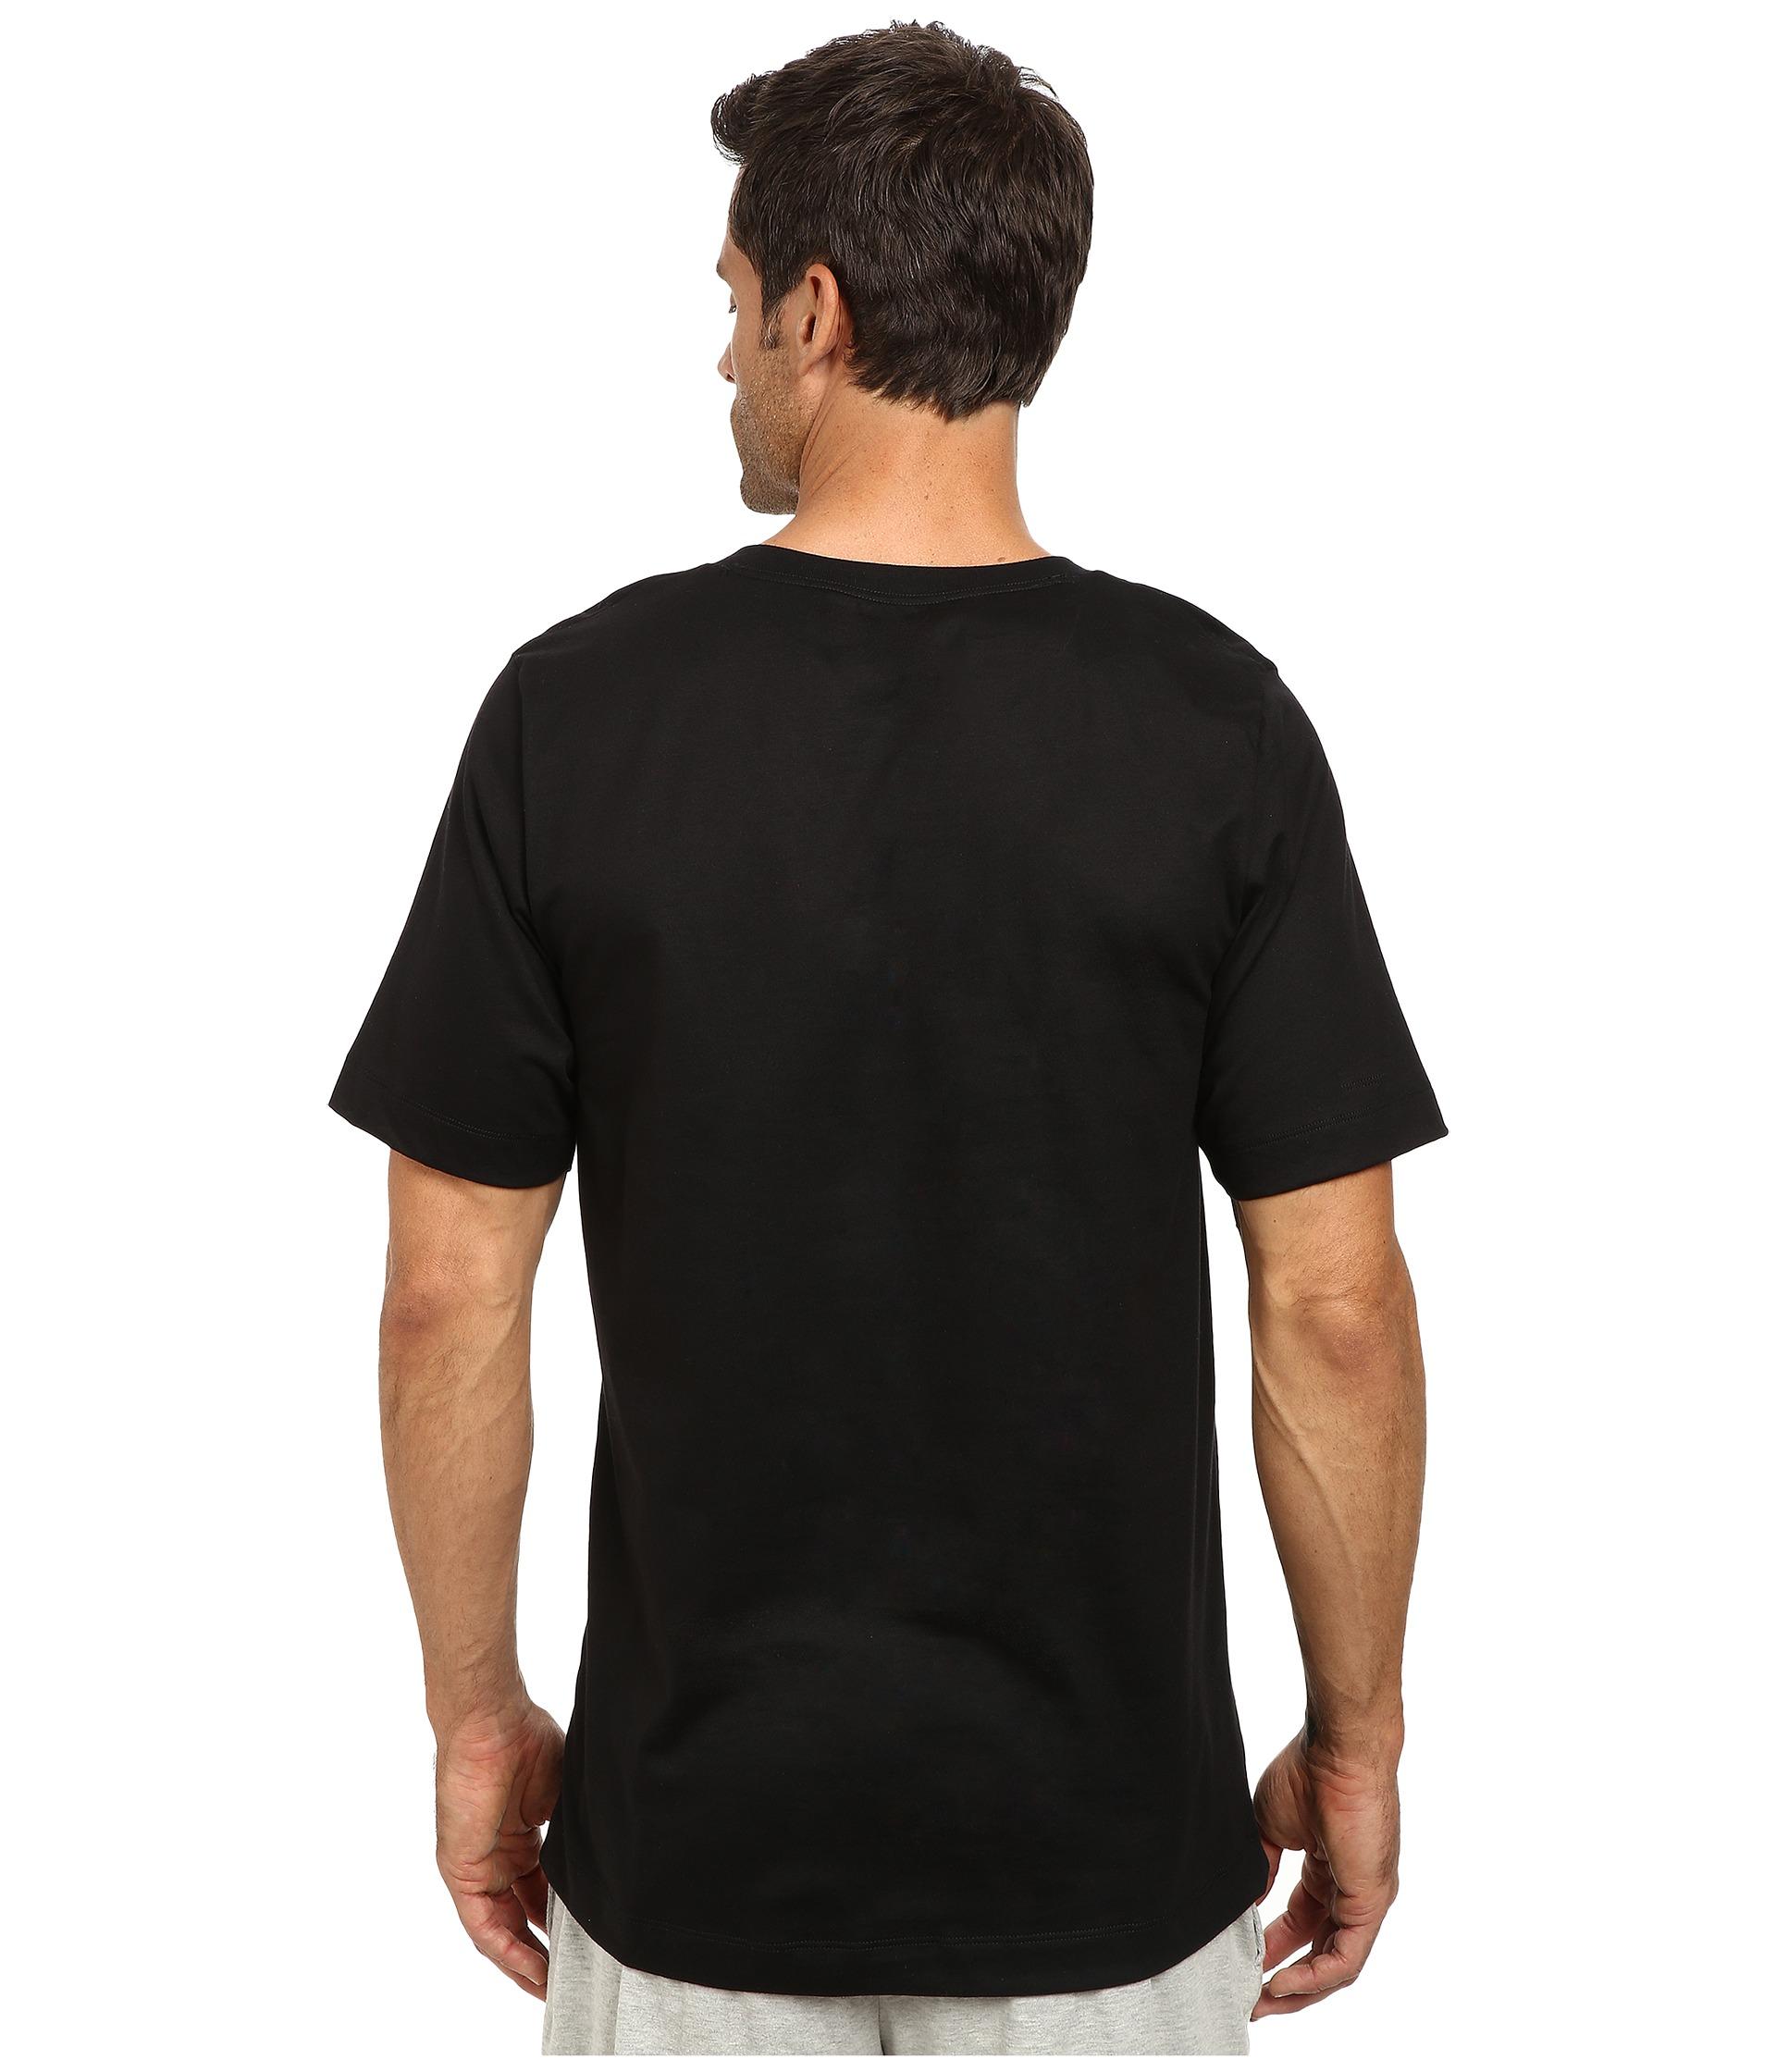 Jockey cotton staycool v neck t shirt 2 pack black for Jockey v neck shirt